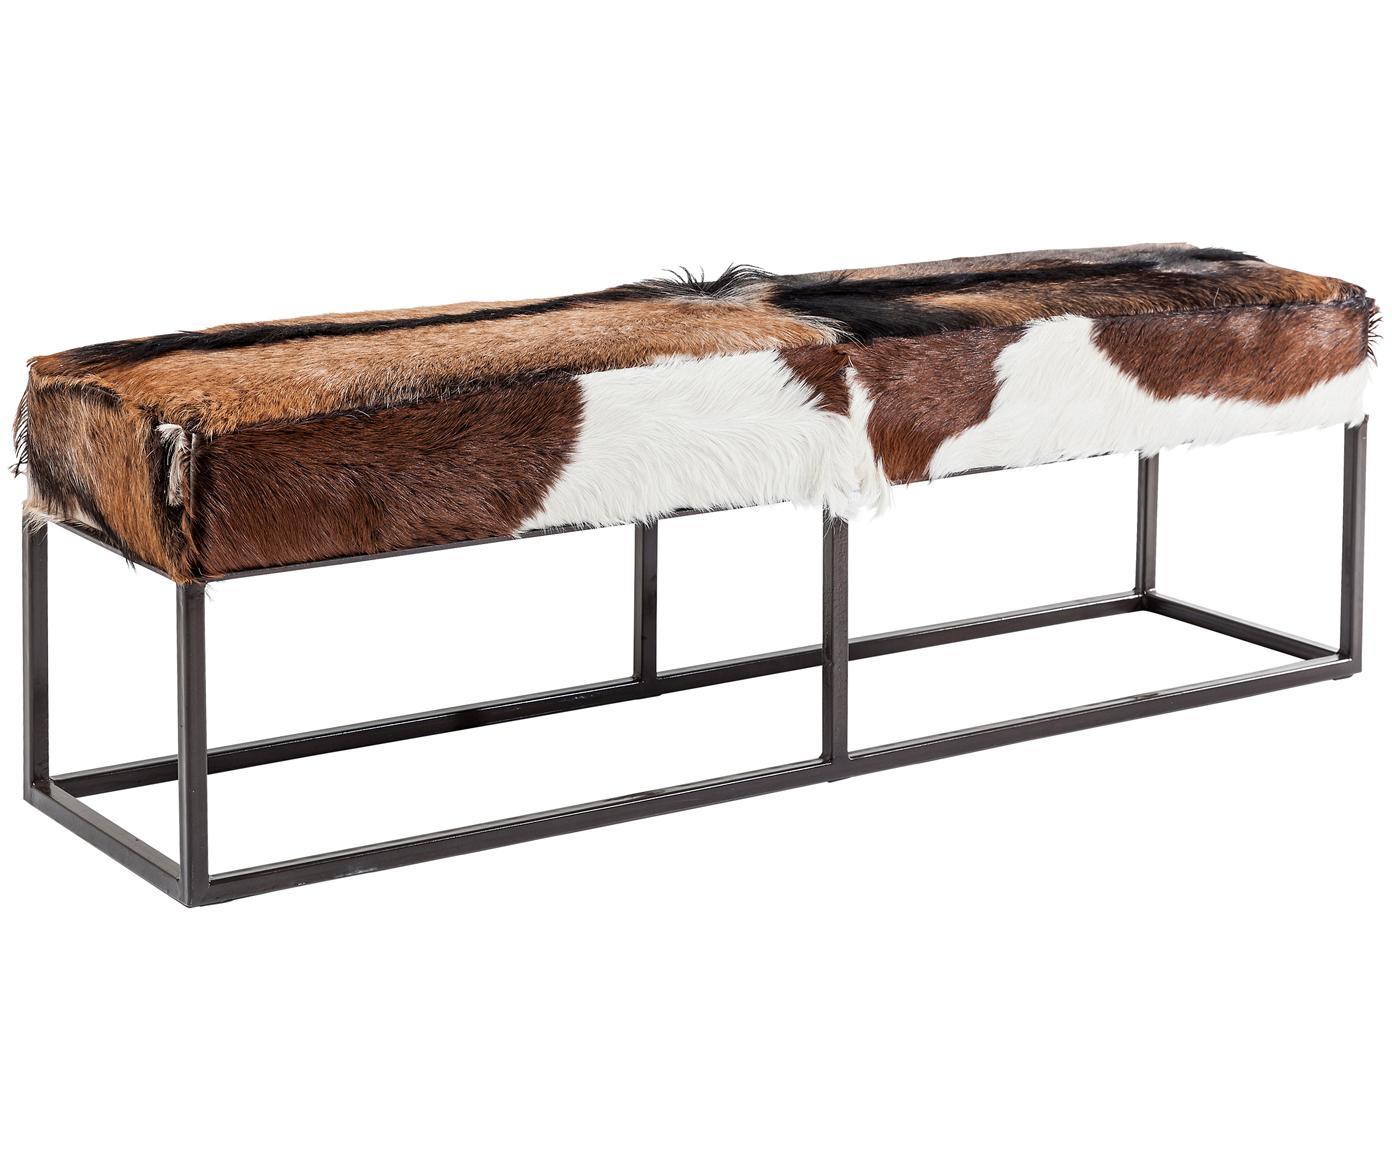 Ławka z koźlej skóry Country Life, Stelaż: stal lakierowana, Siedzisko: koźla skóra Stelaż: Stal lakierowana, S 140 x W 47 cm